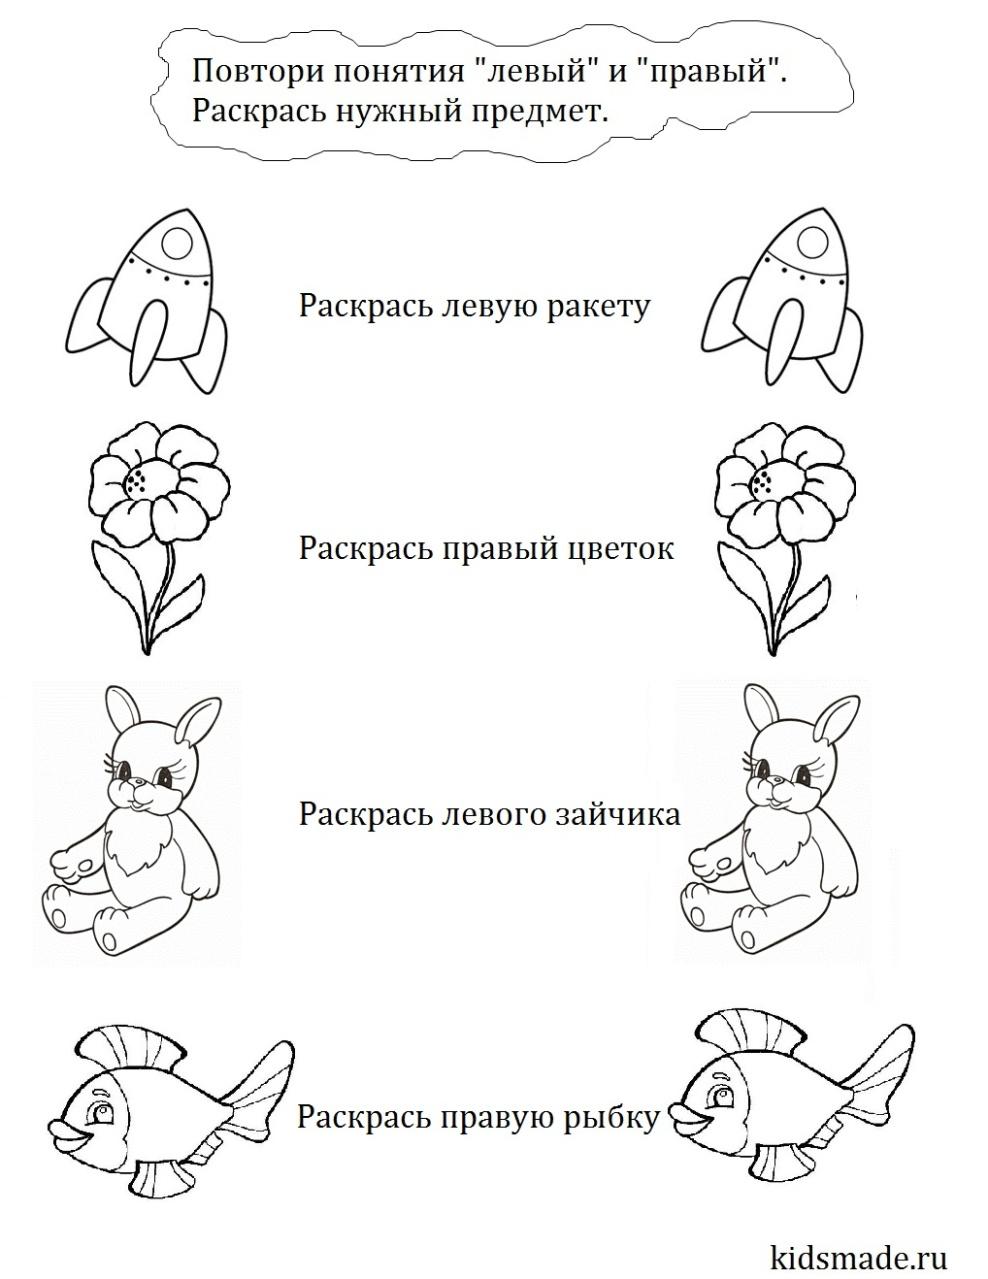 Понятия справа и слева на картинке